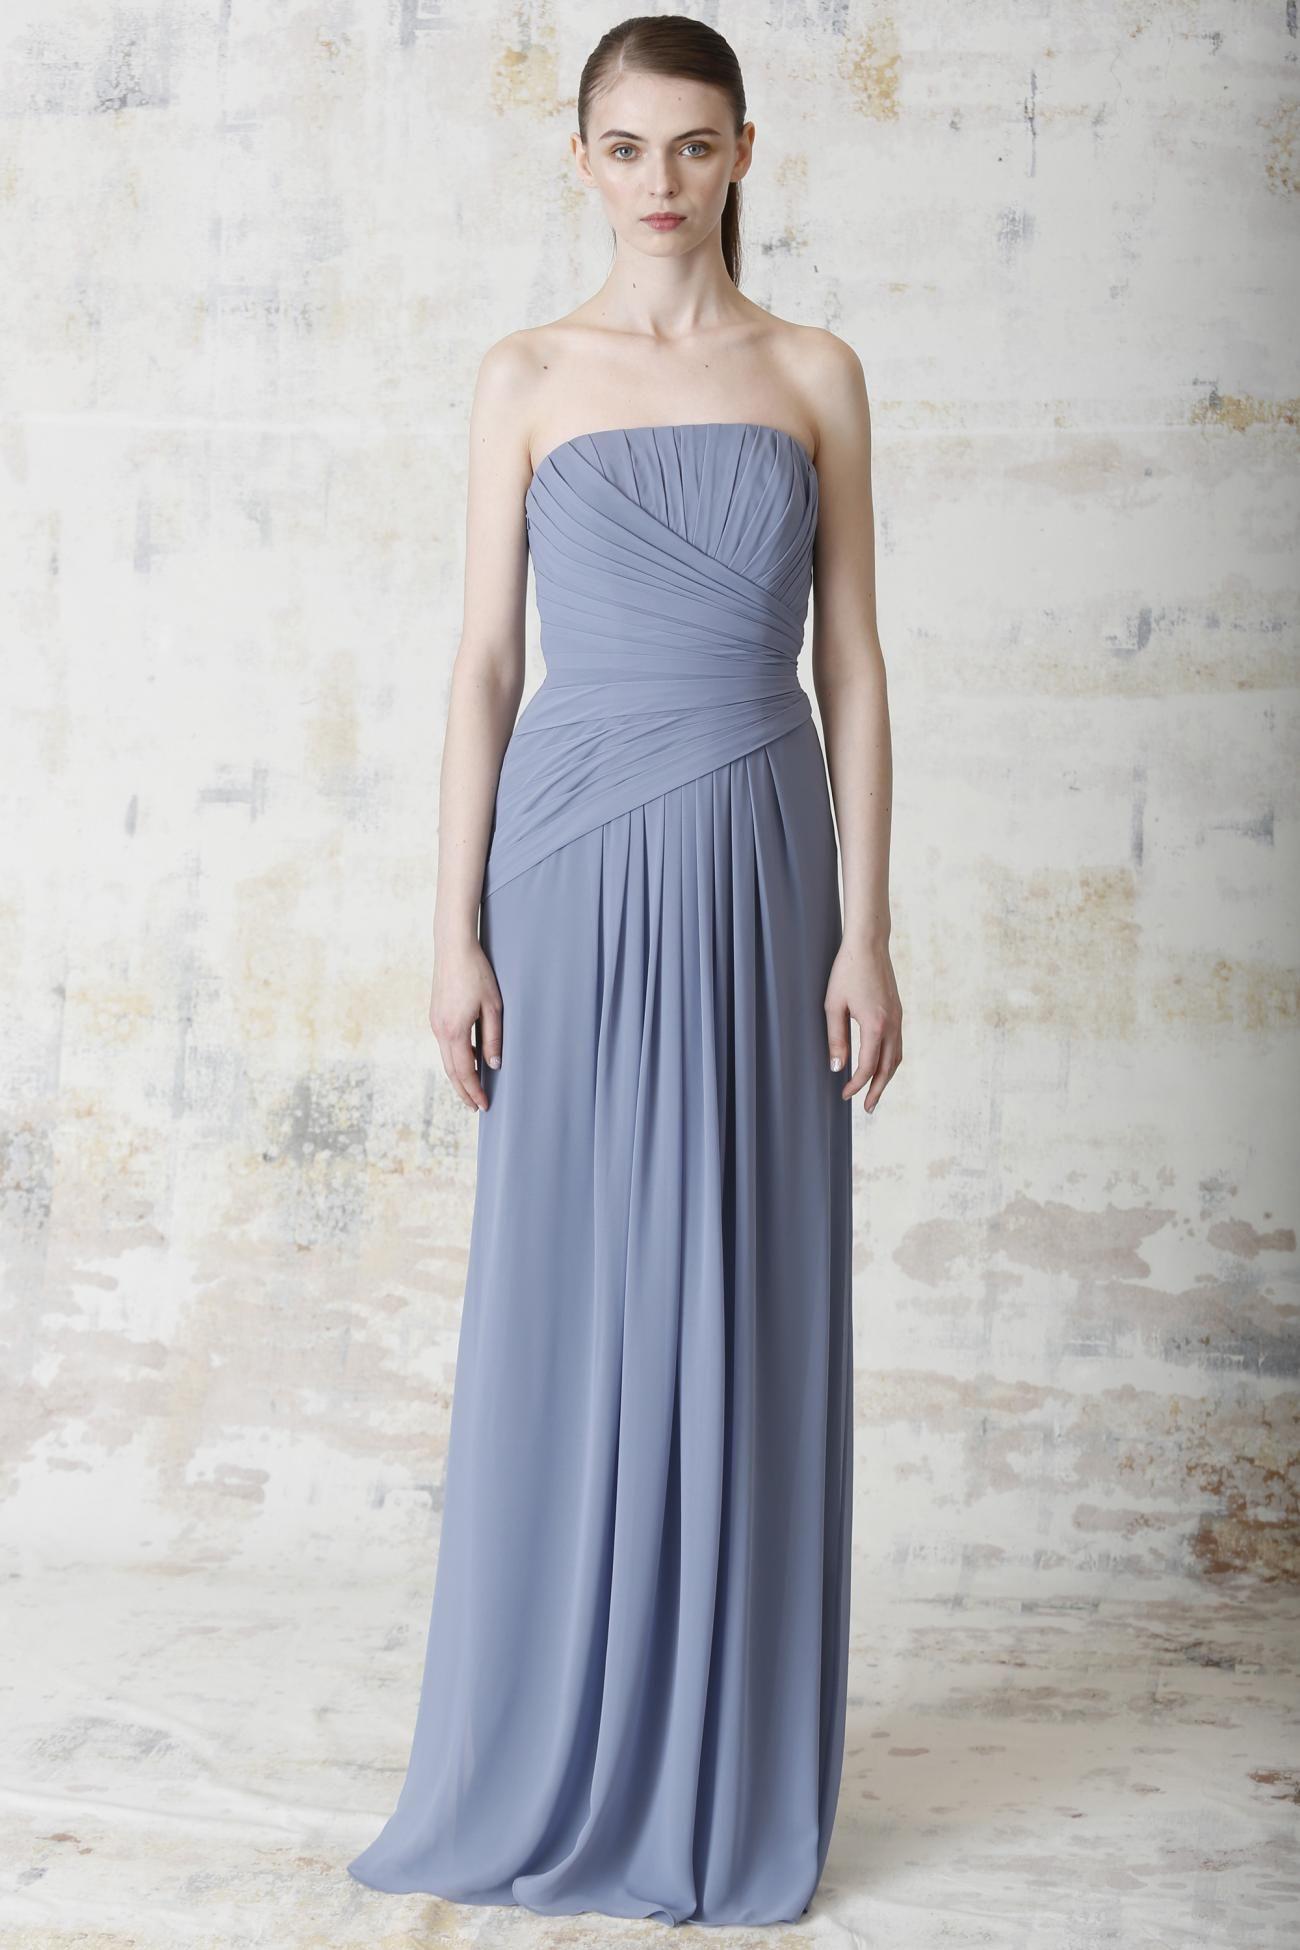 8a86a7387f French Blue Bridesmaid Dresses - Ocodea.com